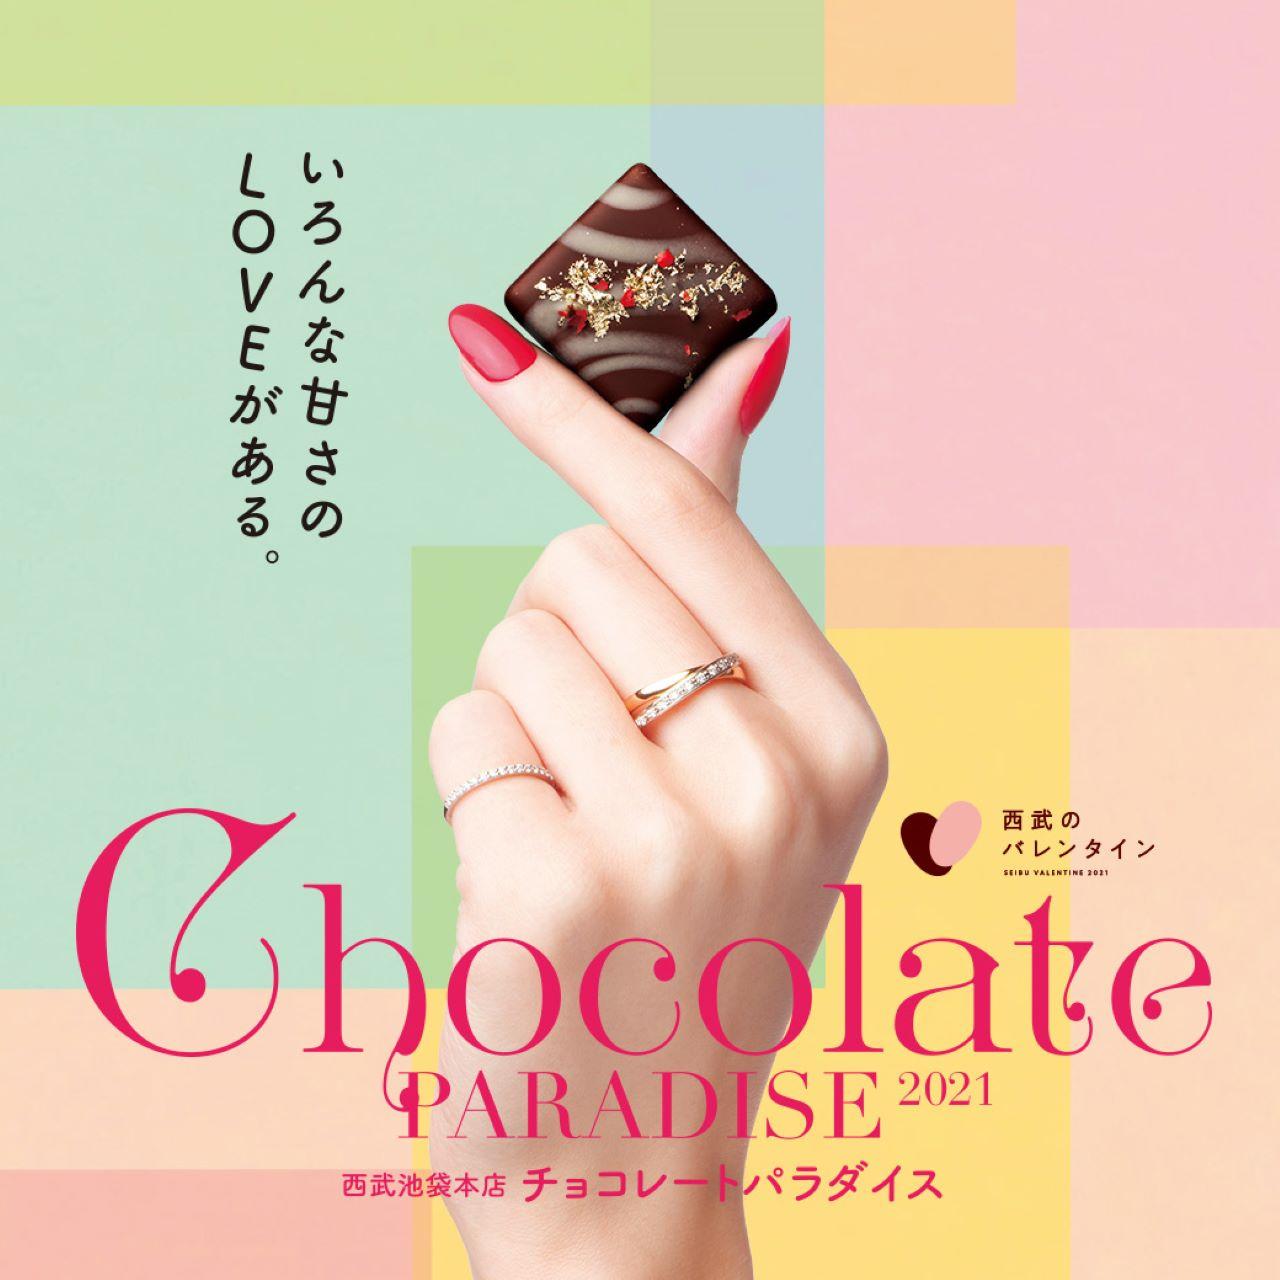 【西武池袋本店】大切な人とつながる「チョコレートパラダイス2021」